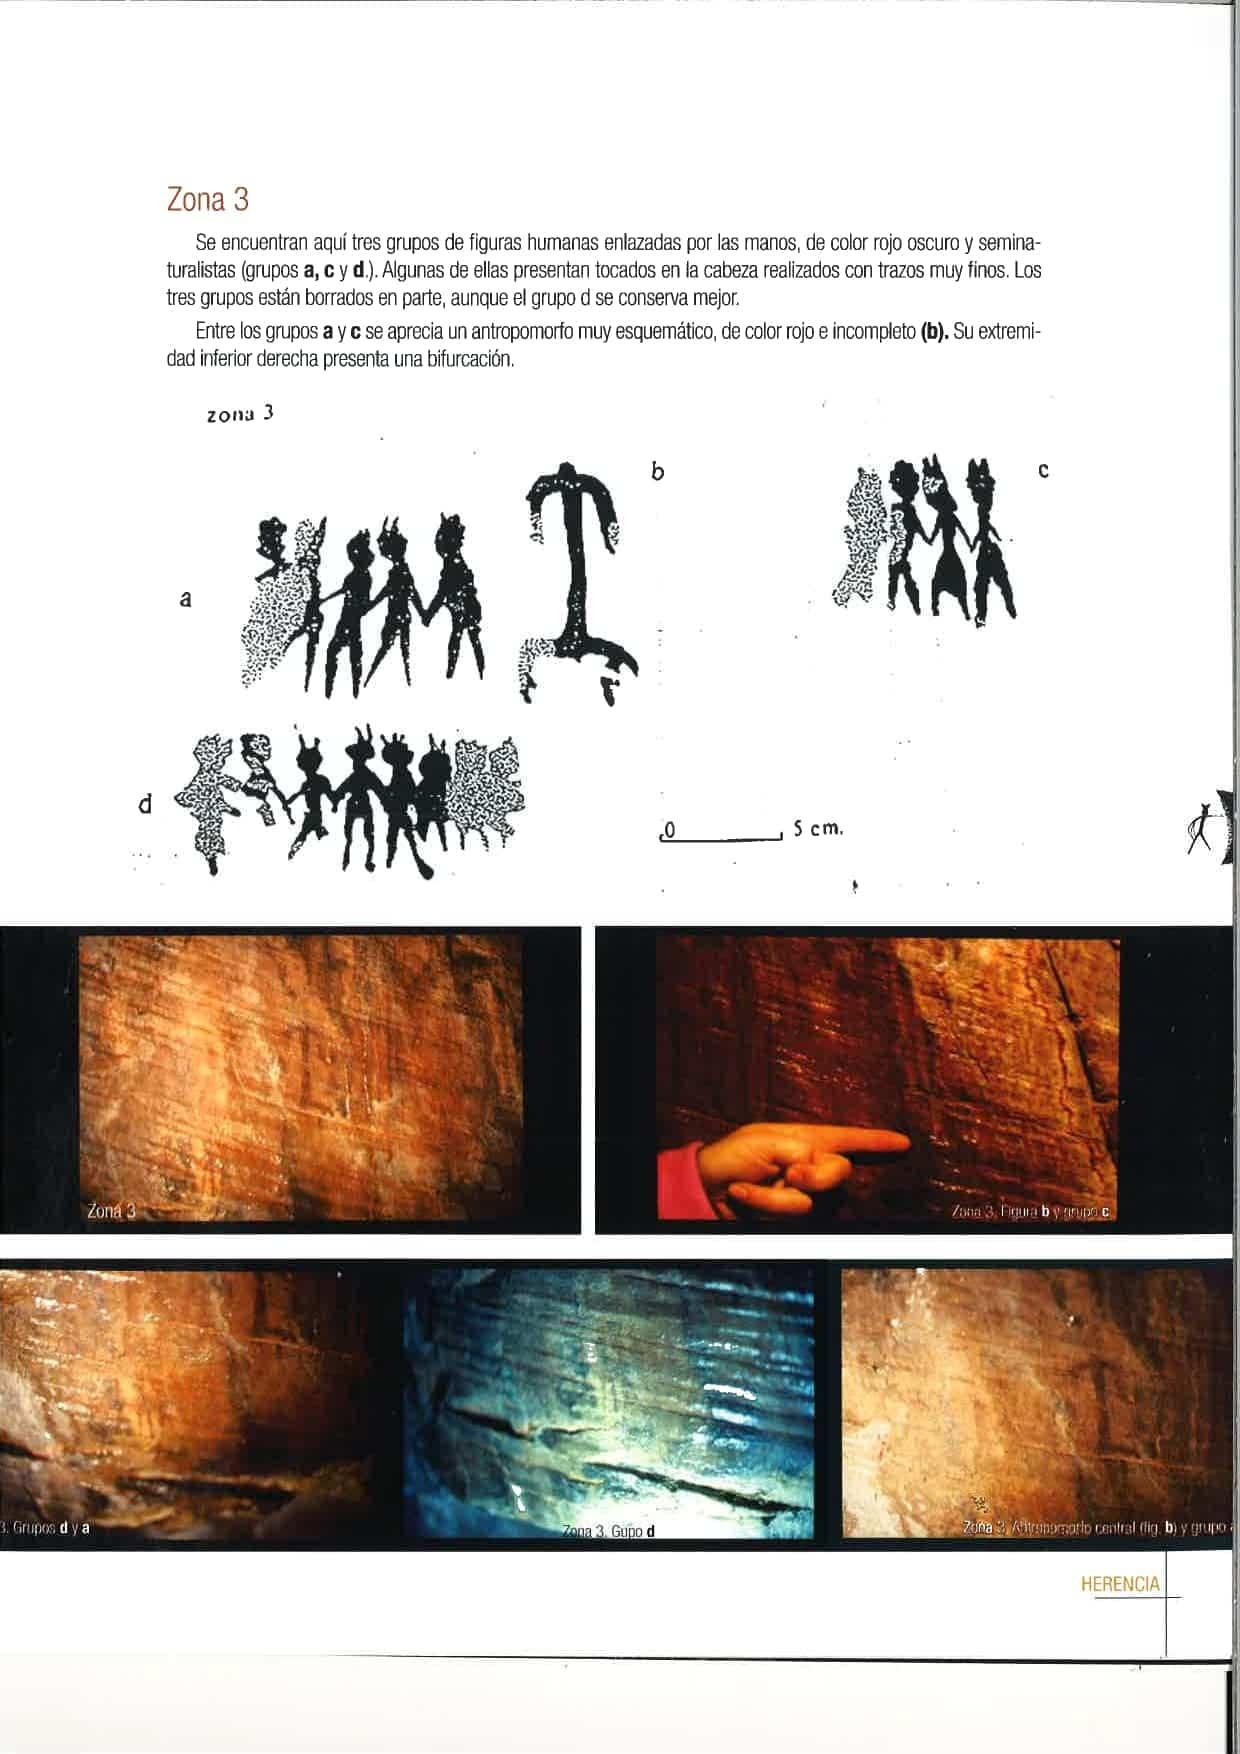 """la rendija herencia page 0008 - Herencia celebró el Día Europeo del Arte Rupestre con """"La Rendija"""""""